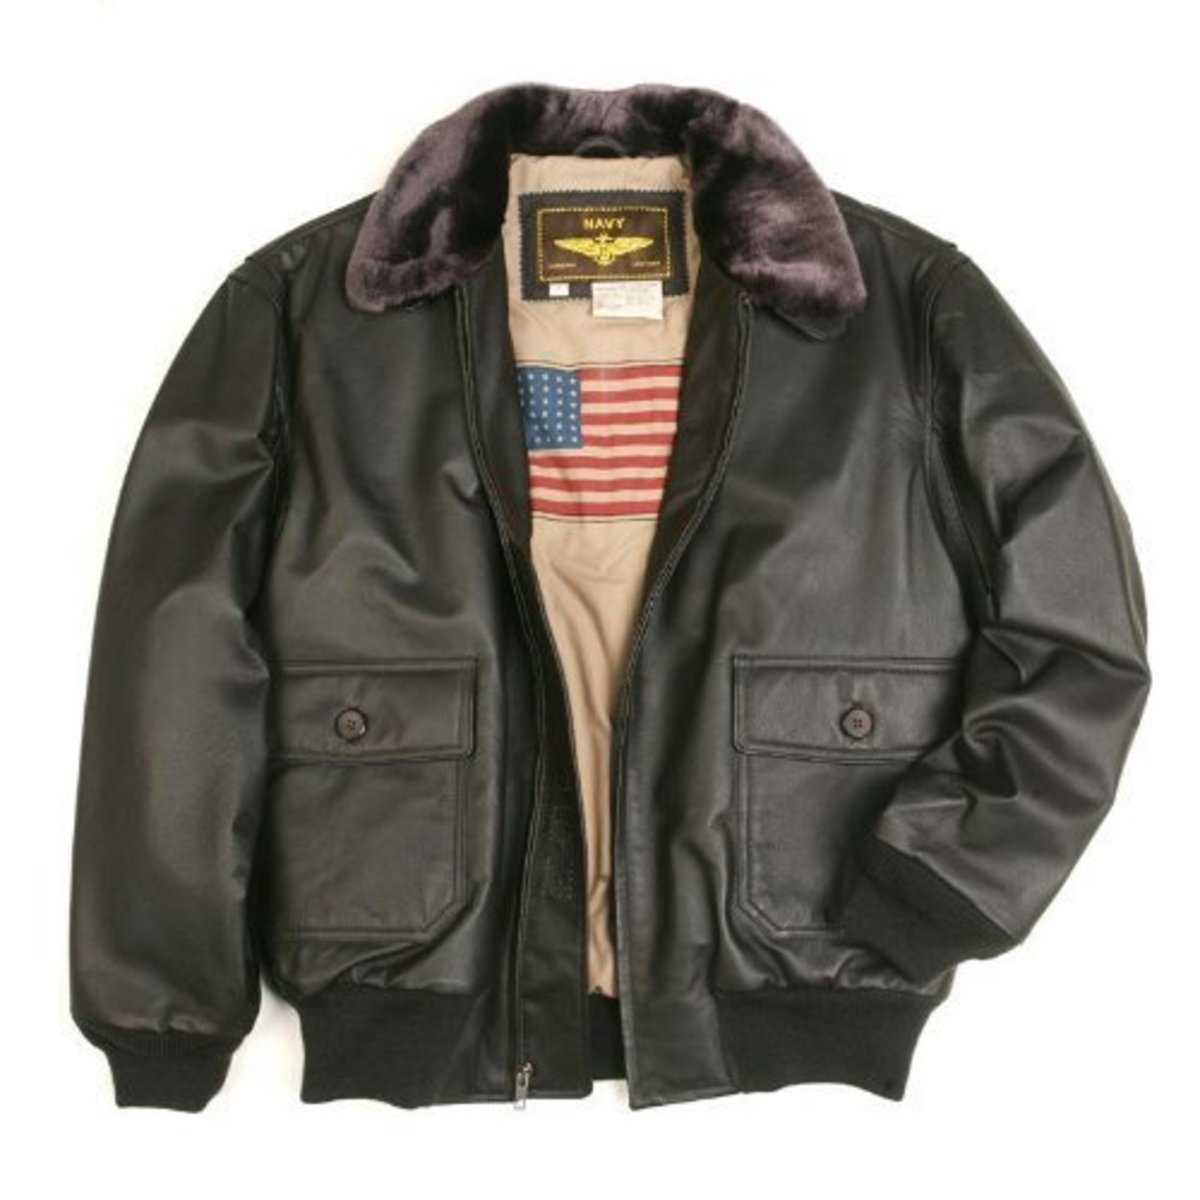 Buy Cheap Bomber Jackets for Men, Women, Juniors, or Kids